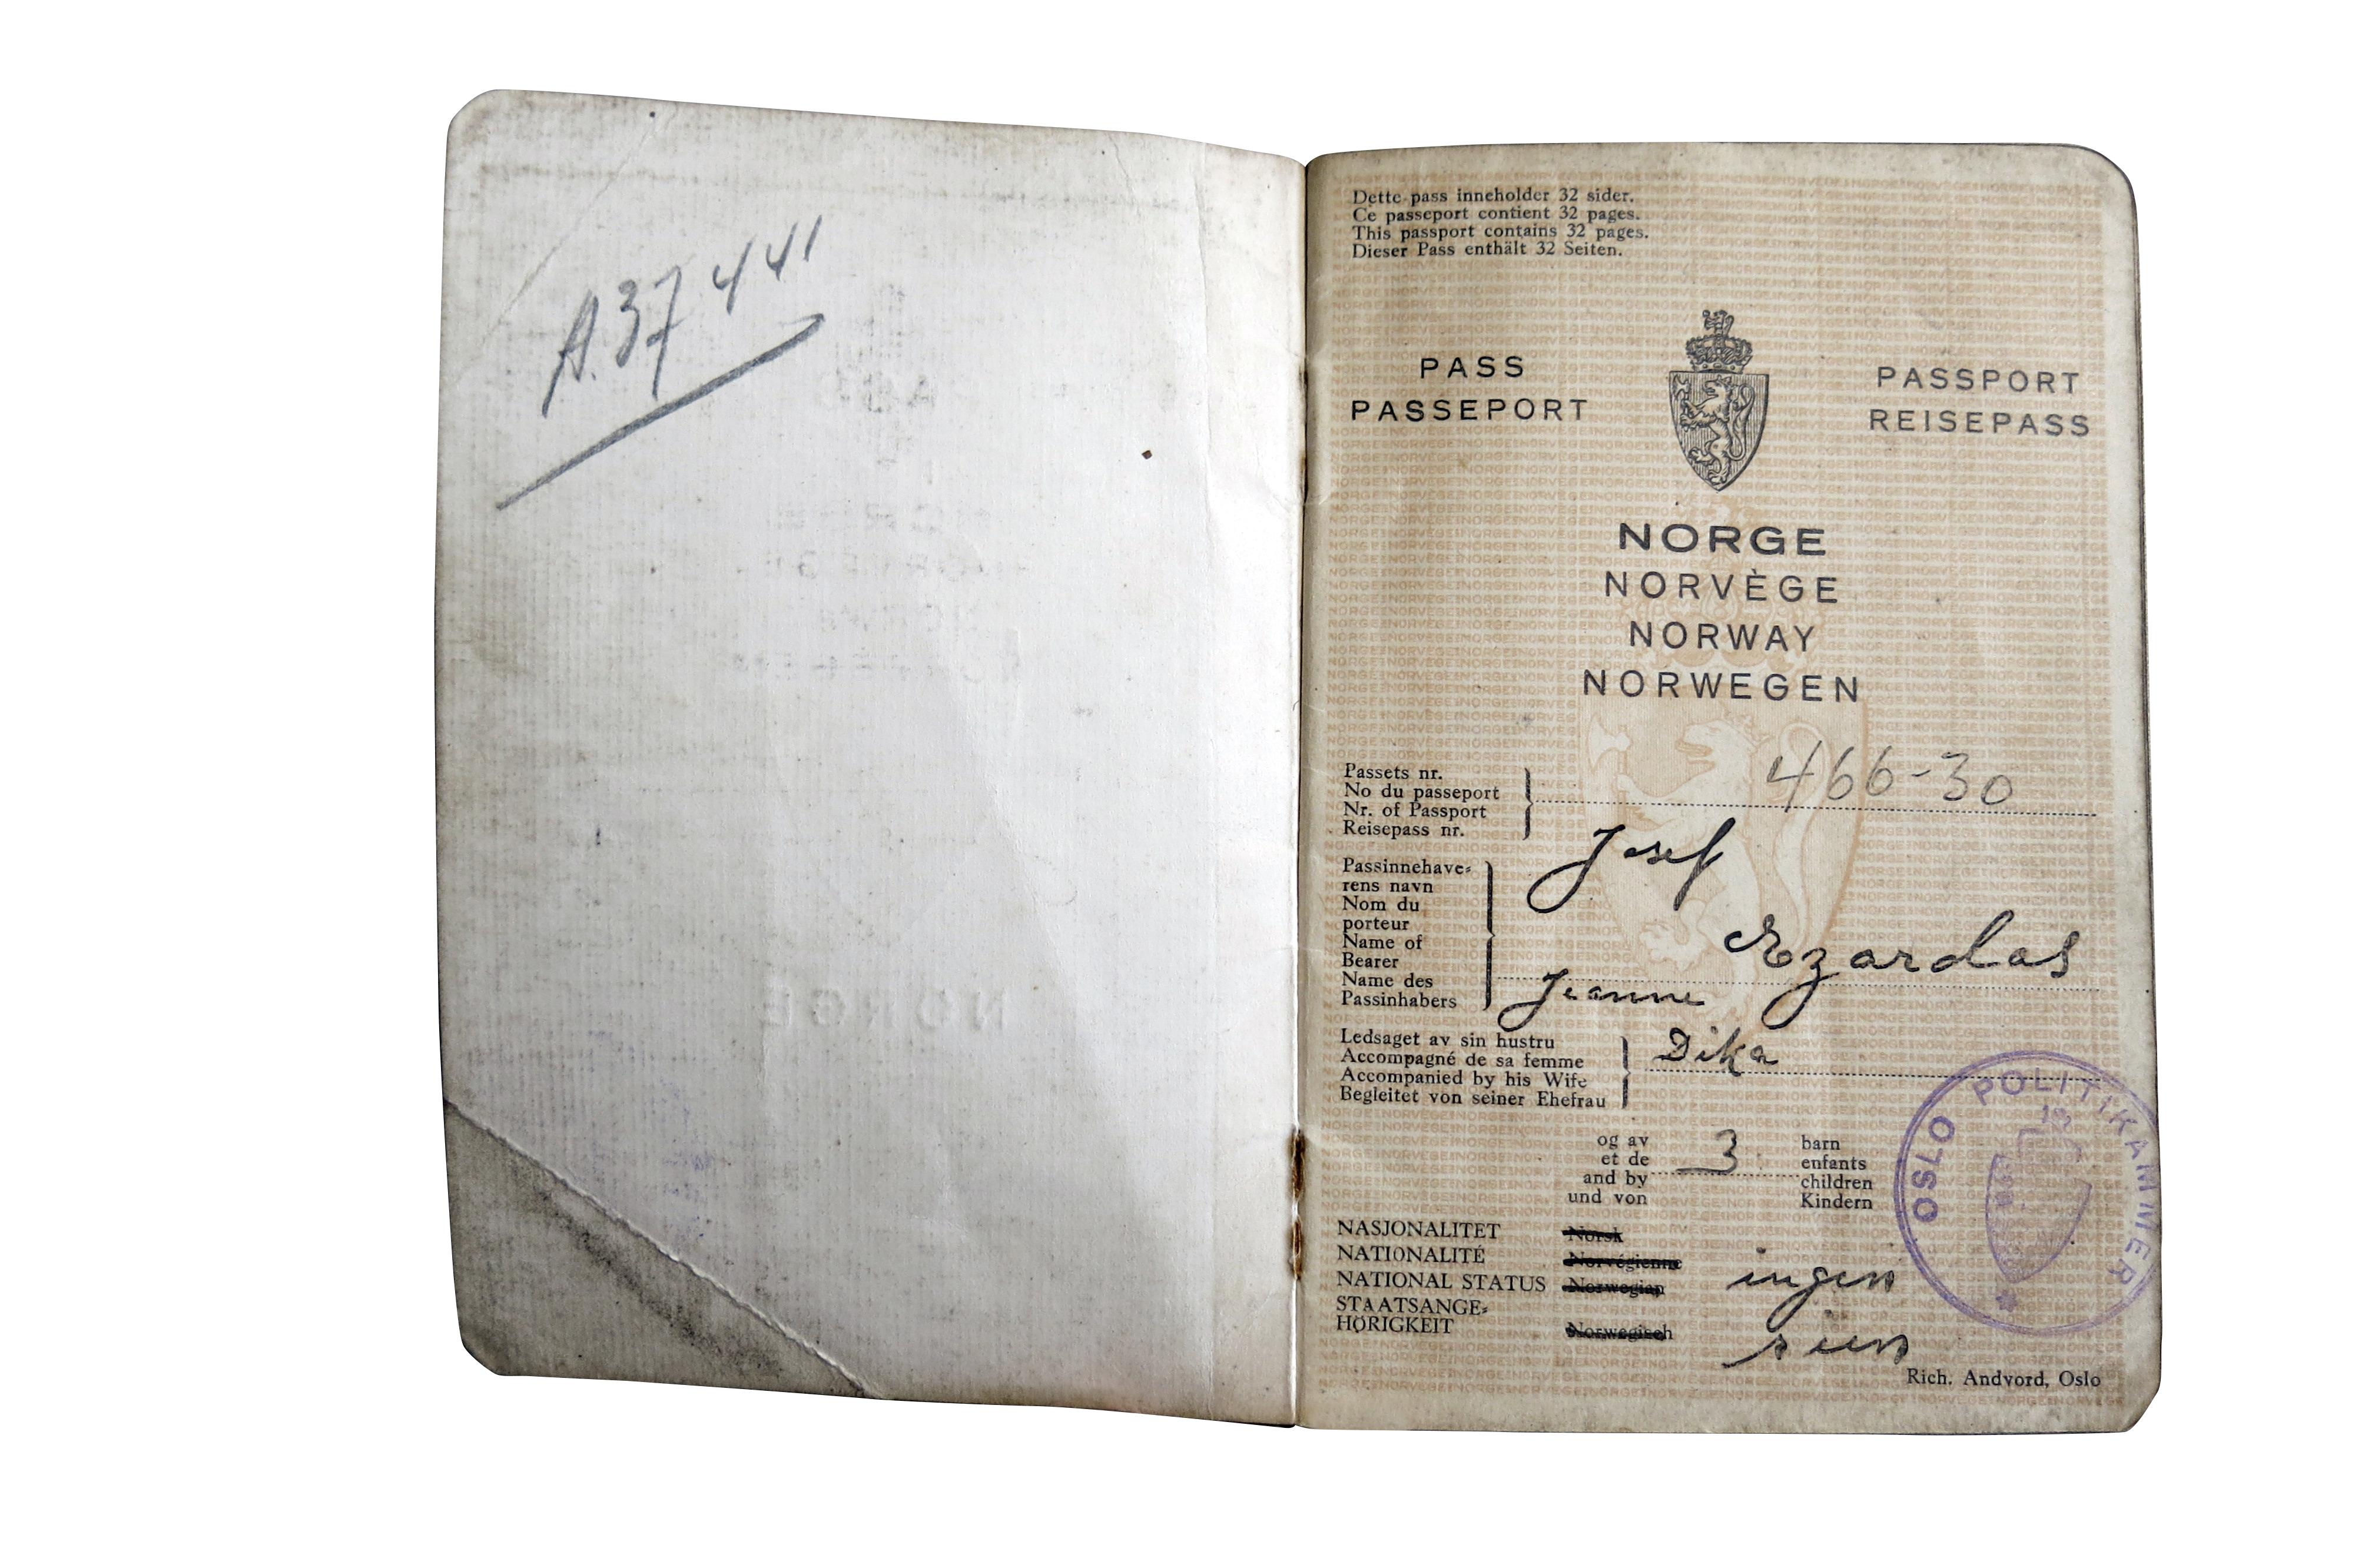 midlertidig oppholdstillatelse i norge